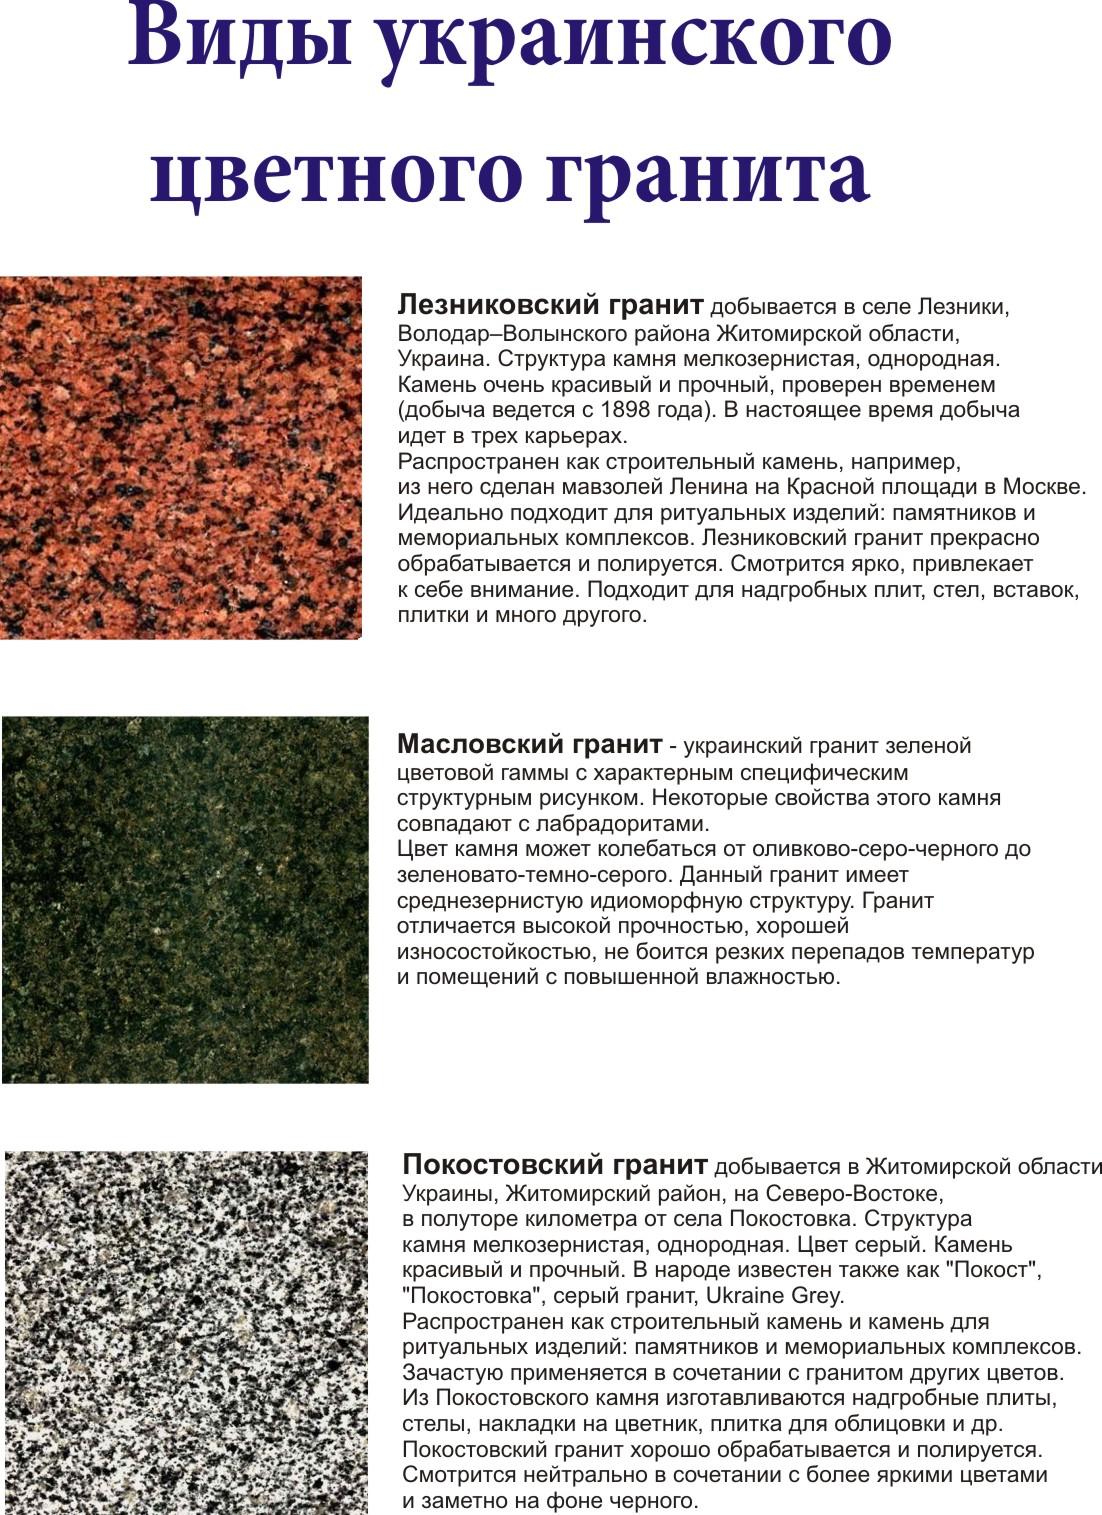 Памятники украина цветные01 стр